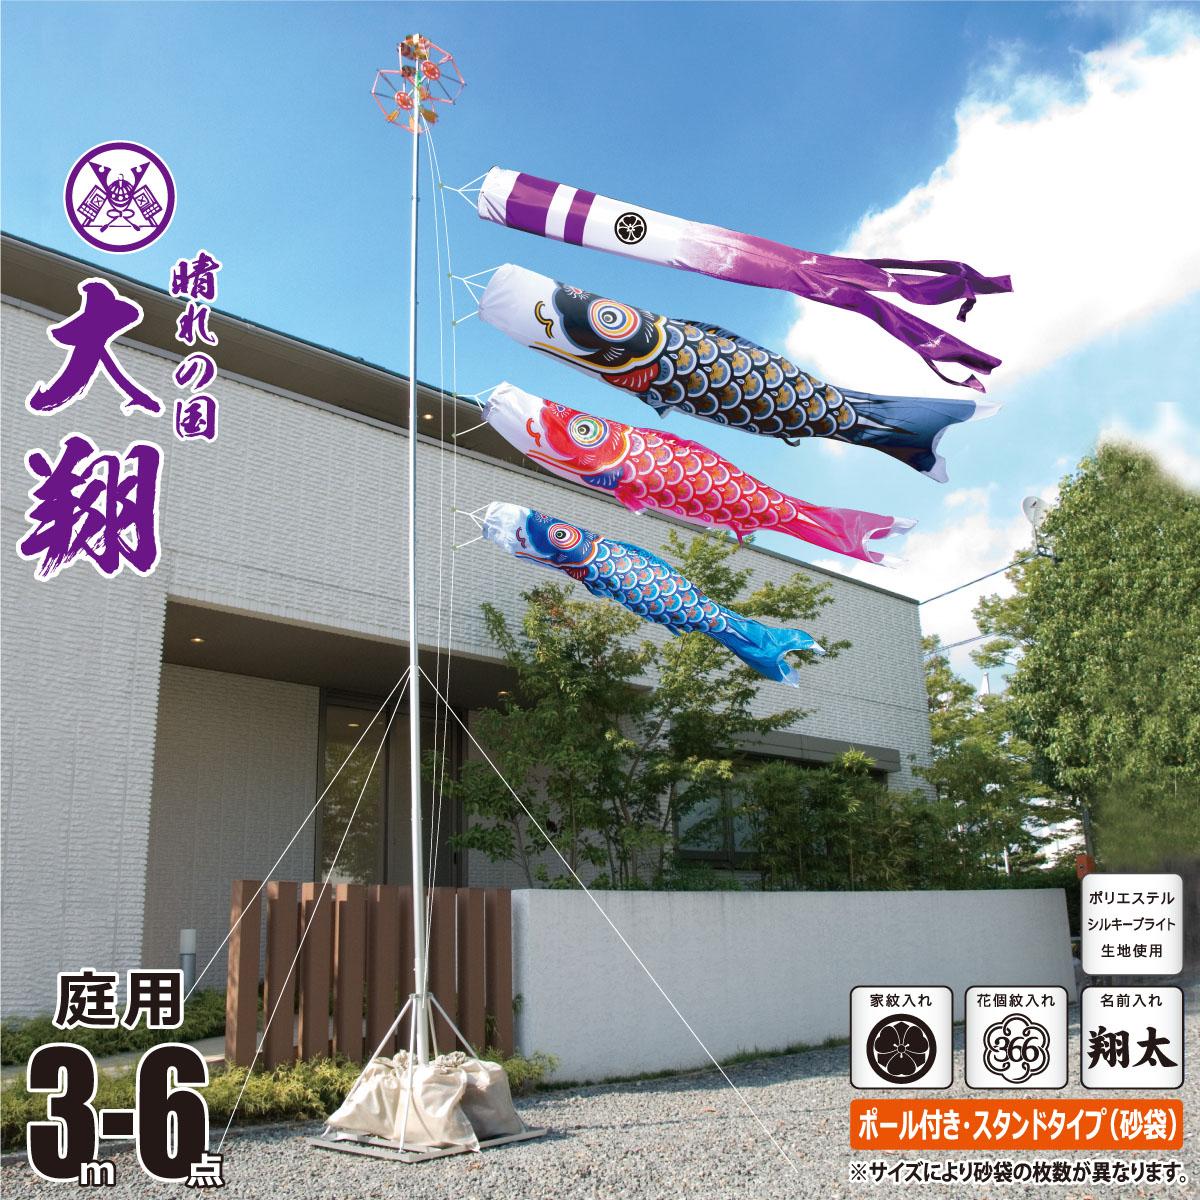 こいのぼり 3m 大翔 6点 (矢車、ロープ、吹流し、鯉3匹) 庭園用 スタンドセット (庭用 スタンド 砂袋4枚入り) 徳永鯉のぼり KIT-003-893